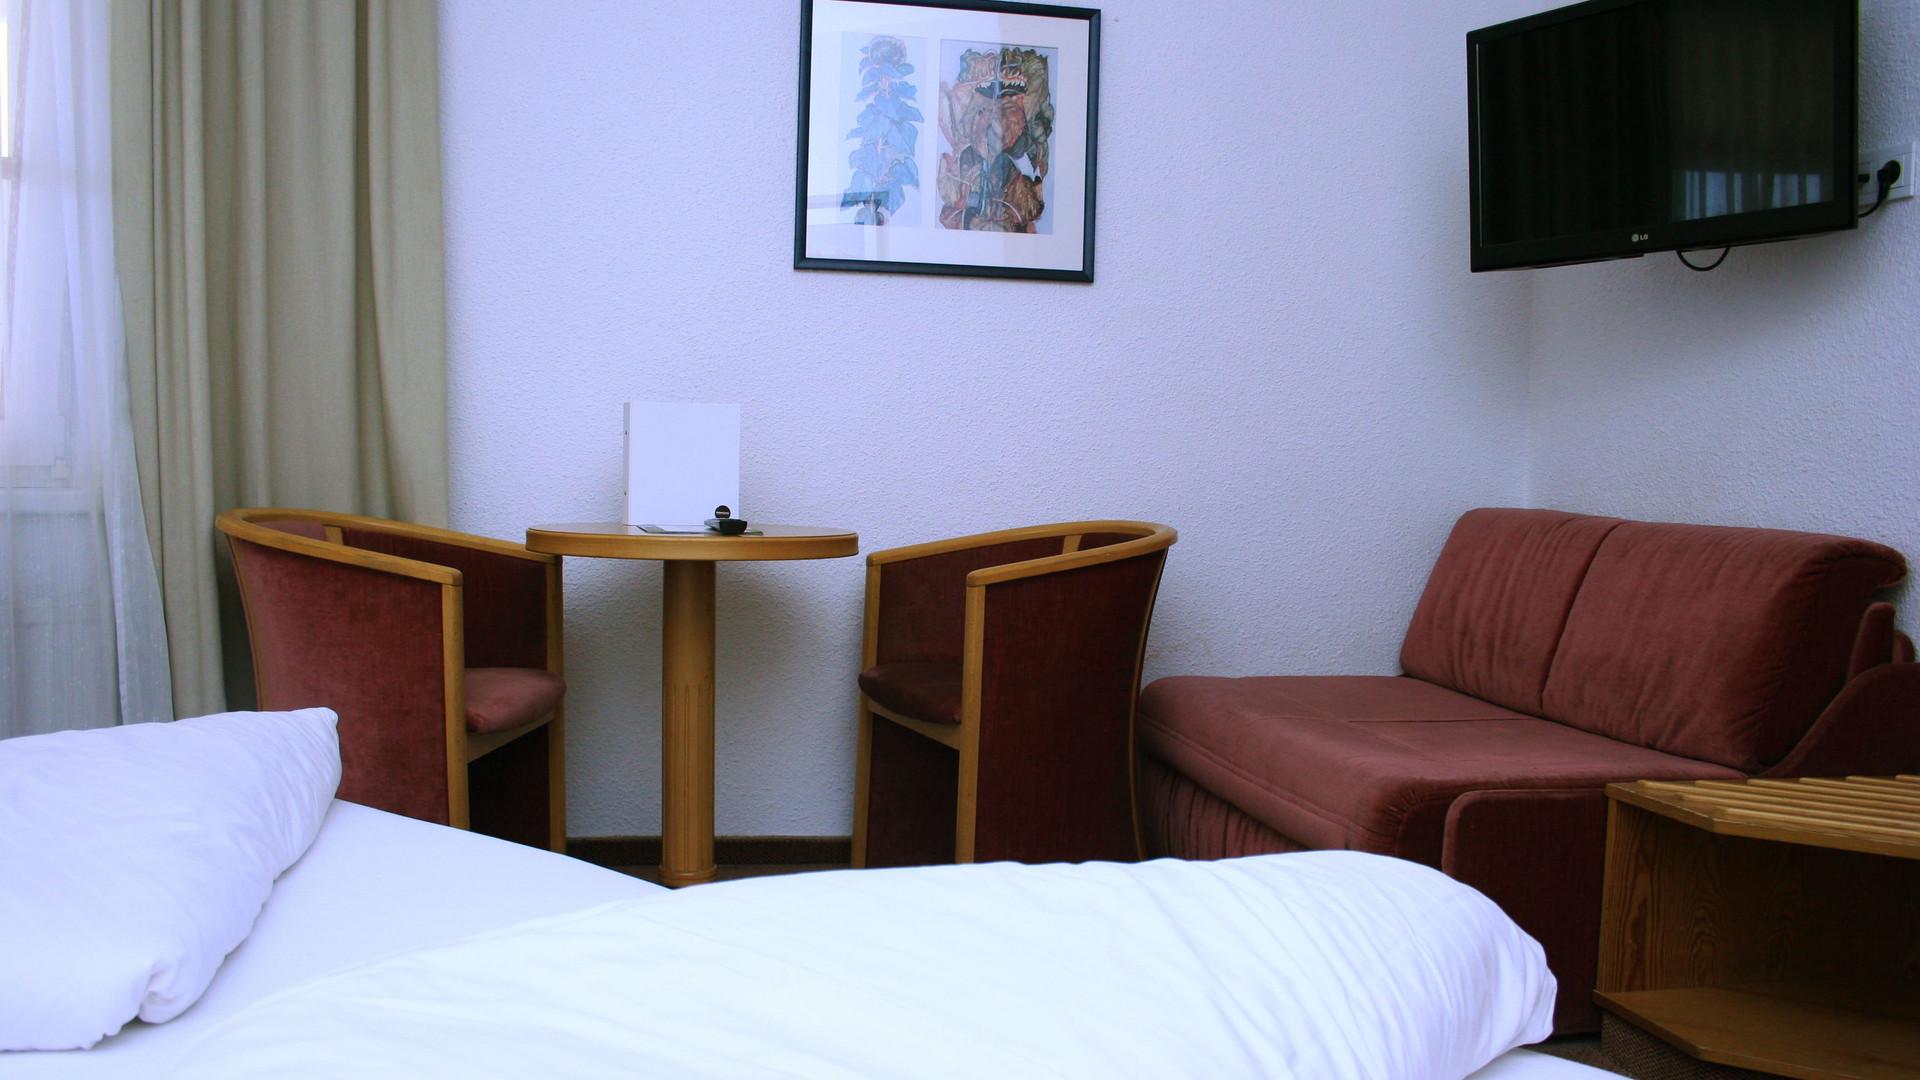 Geräumiges Doppelzimmer mit Couch und Fernseher im Hotel-Garni in Groß-Enzersdorf.